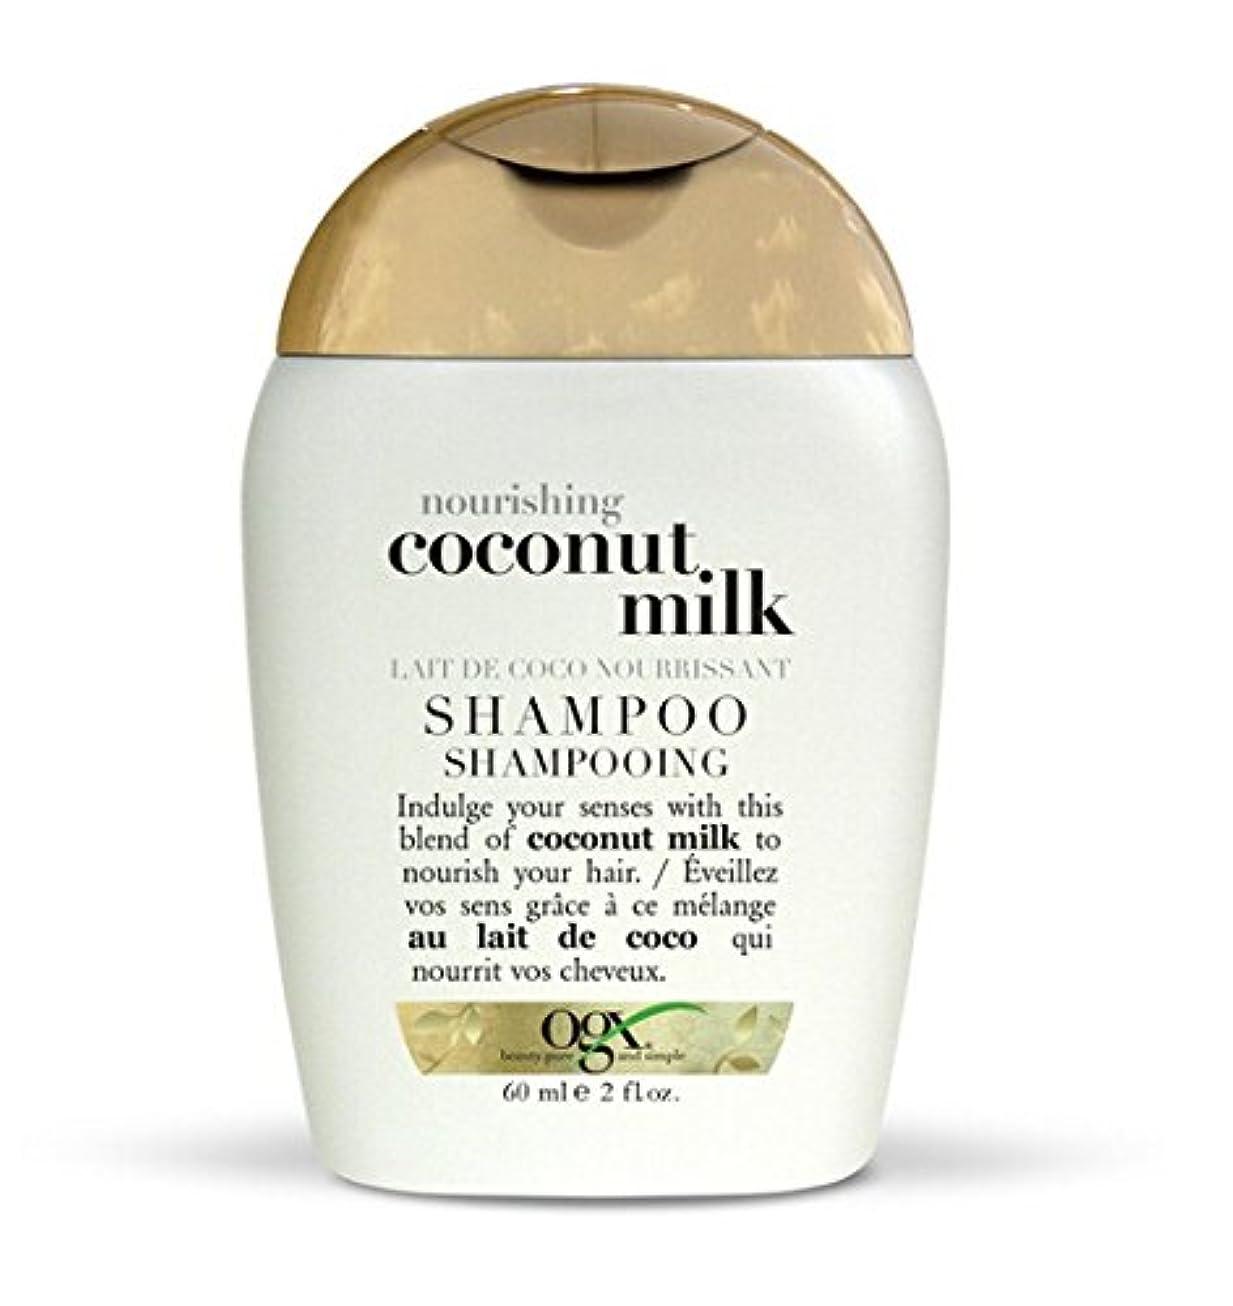 運命的な滑る憤るVogue ヴォーグ オーガニクス 髪いきいきココナッツミルク 自然派ヘアケア シャンプー 60ml coconut milk shampoo [並行輸入品]